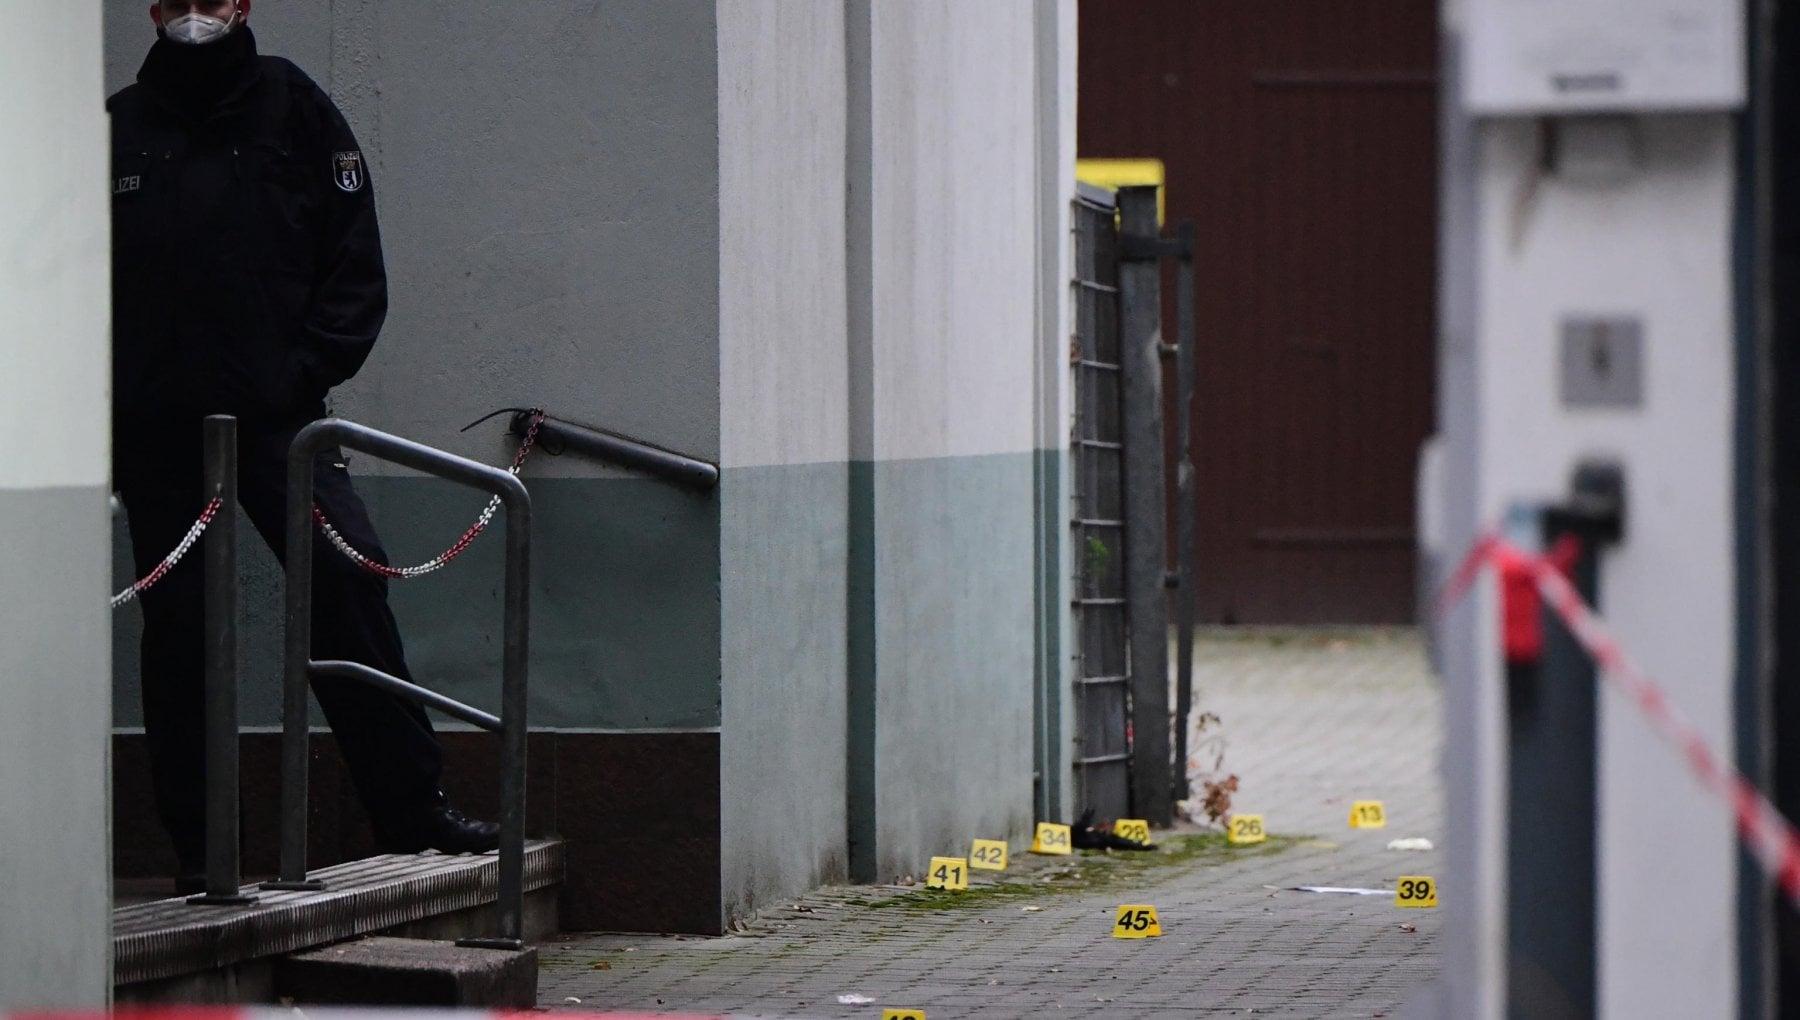 104659120 0d9d4d97 ac1c 45cd 9df2 7953b26f625a - Sparatoria a Berlino per scontri interni alla criminalità organizzata: quattro feriti gravi